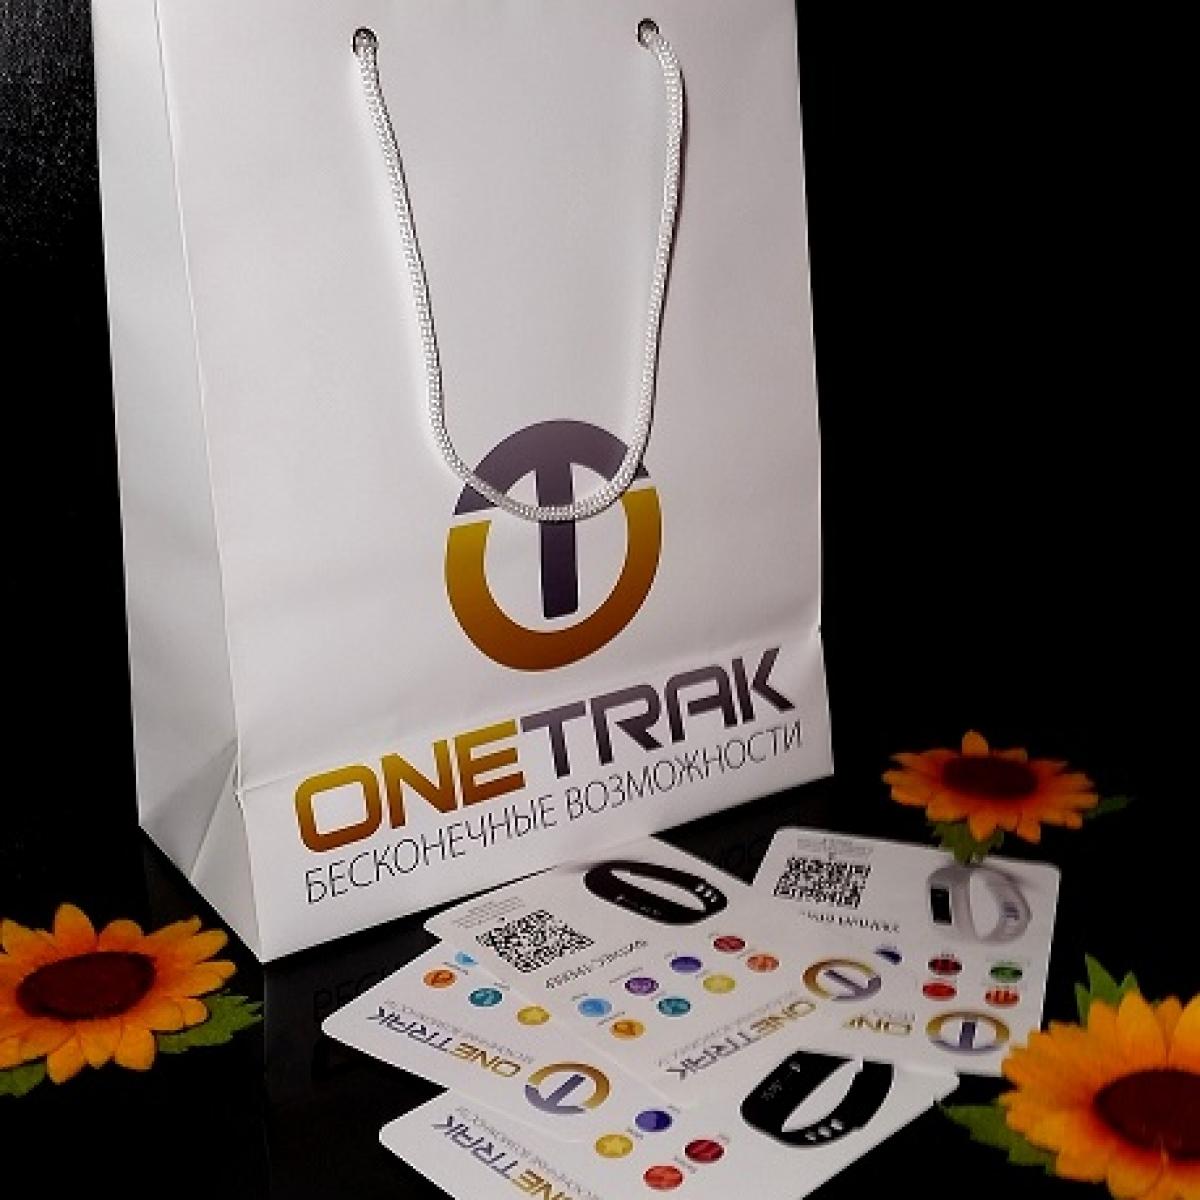 onetrak